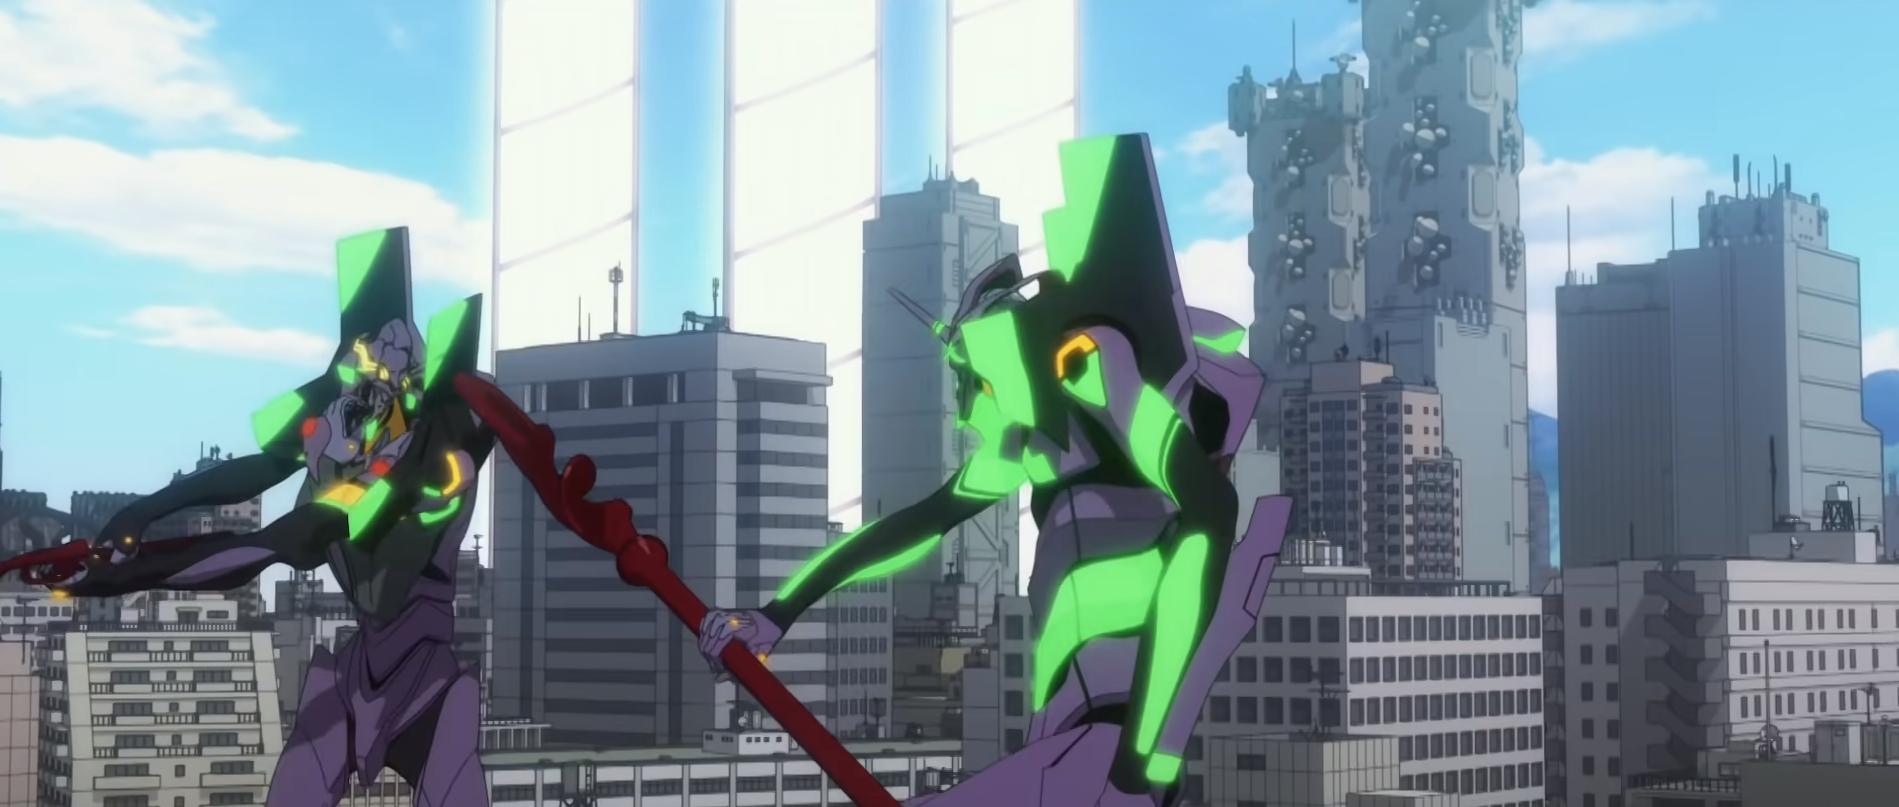 Финальная серия полнометражного Evangelion будем самой длинной в серии